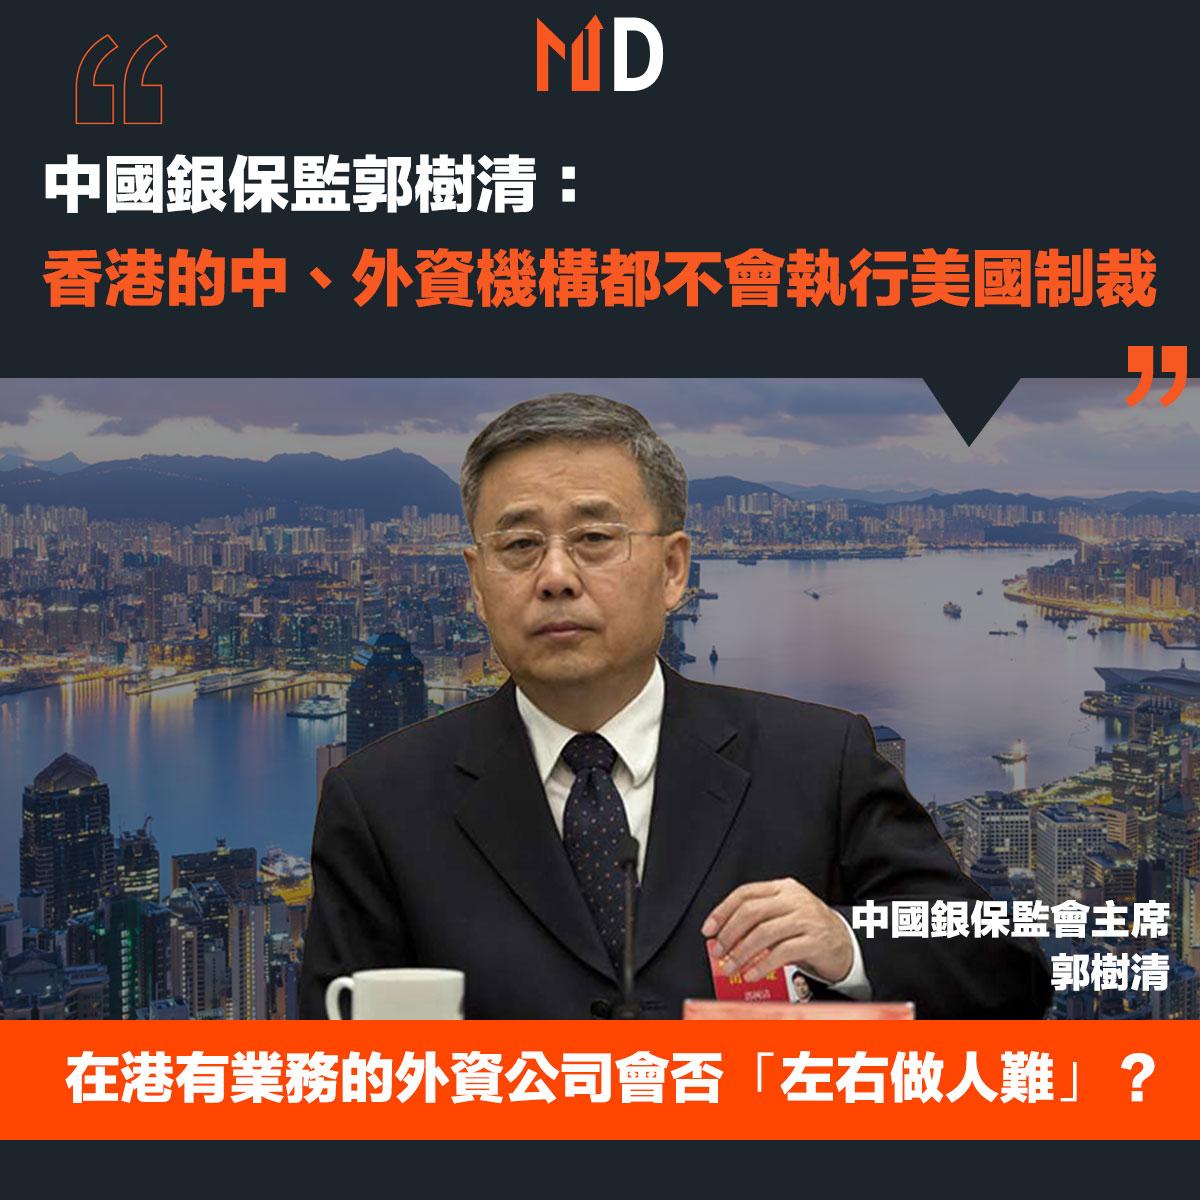 中國銀保監郭樹清指香港的中、外資機構都不會執行美國制裁